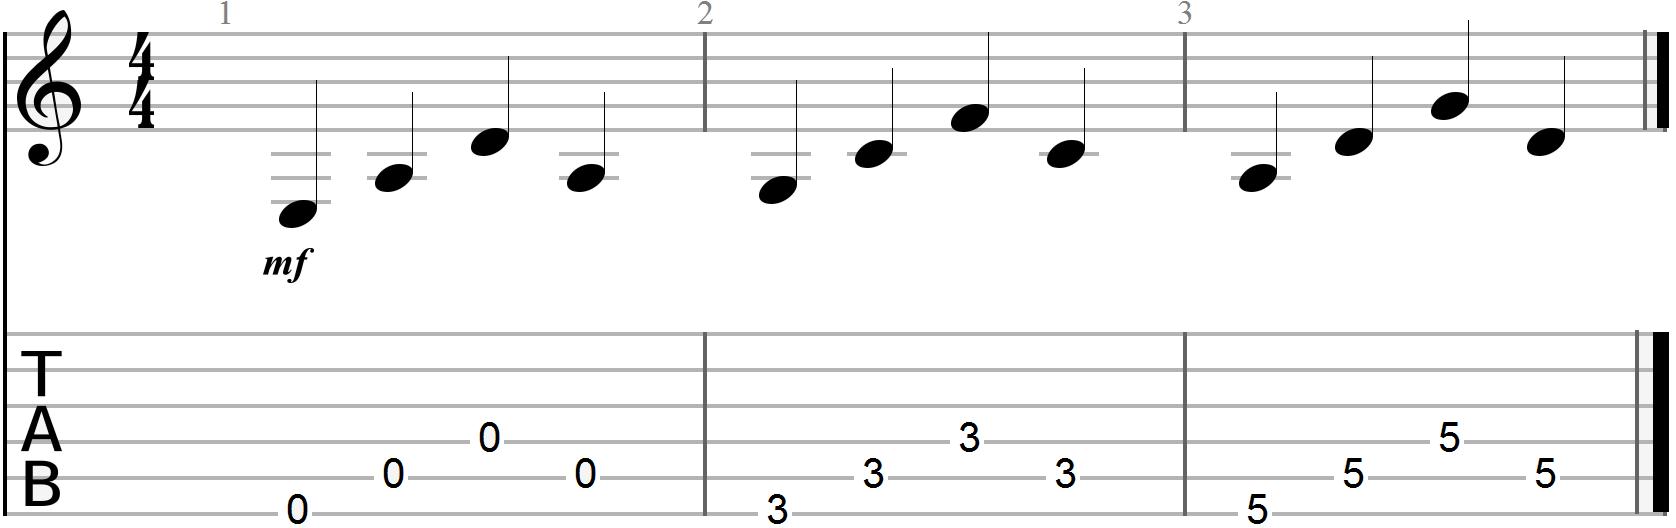 D Chord Guitar Arpeggio Example